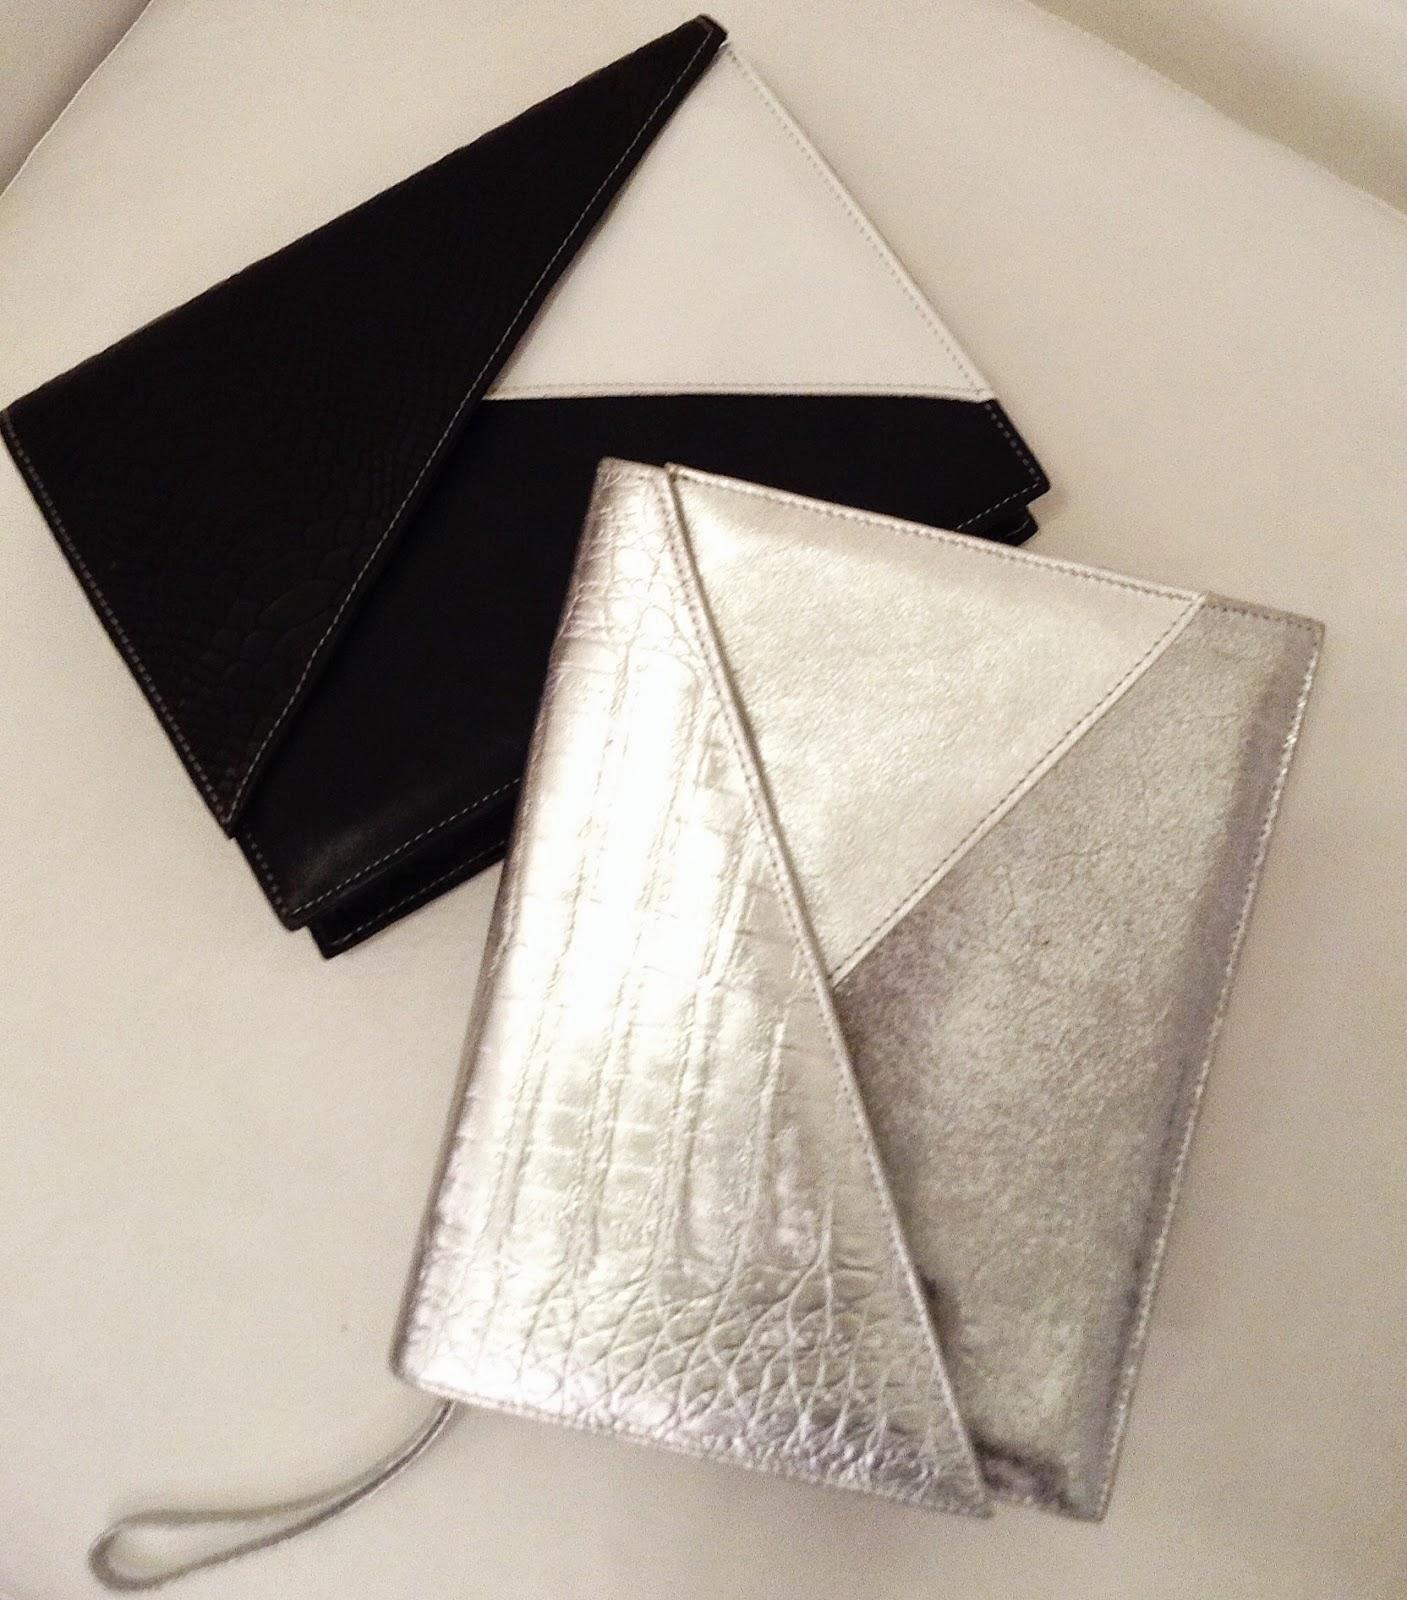 Todo terreno: carteras con flecos y tachas en negro o suela -también